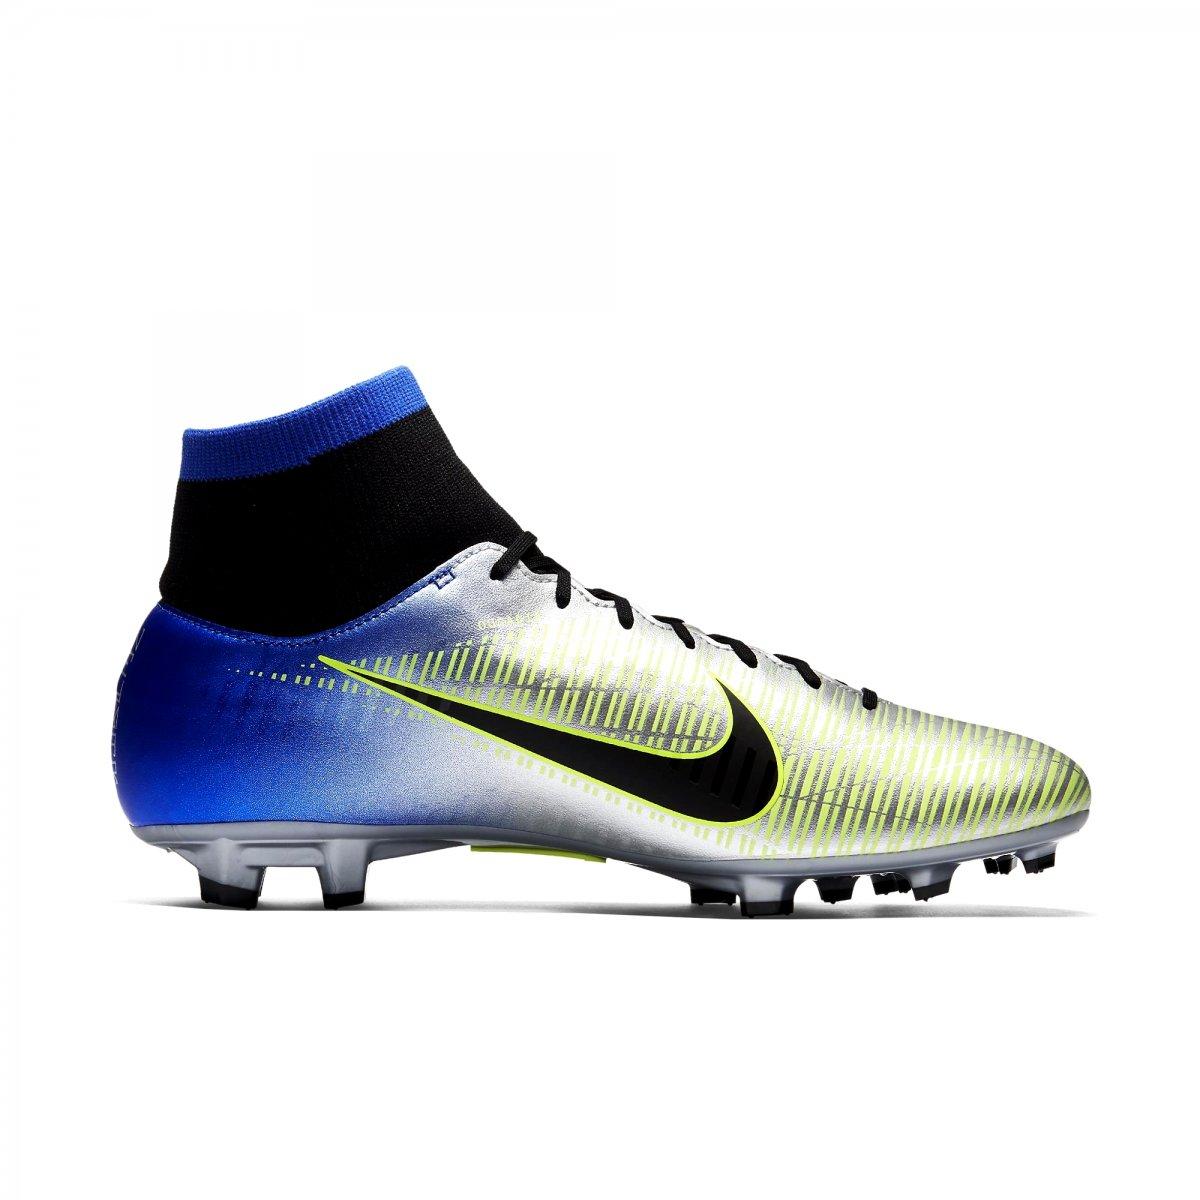 2f49e861ef Passe o mouse na imagem para ampliar Ampliar imagem. Chuteira Nike  Mercurial Victory VI DF Neymar Junior FG  Chuteira Nike ...